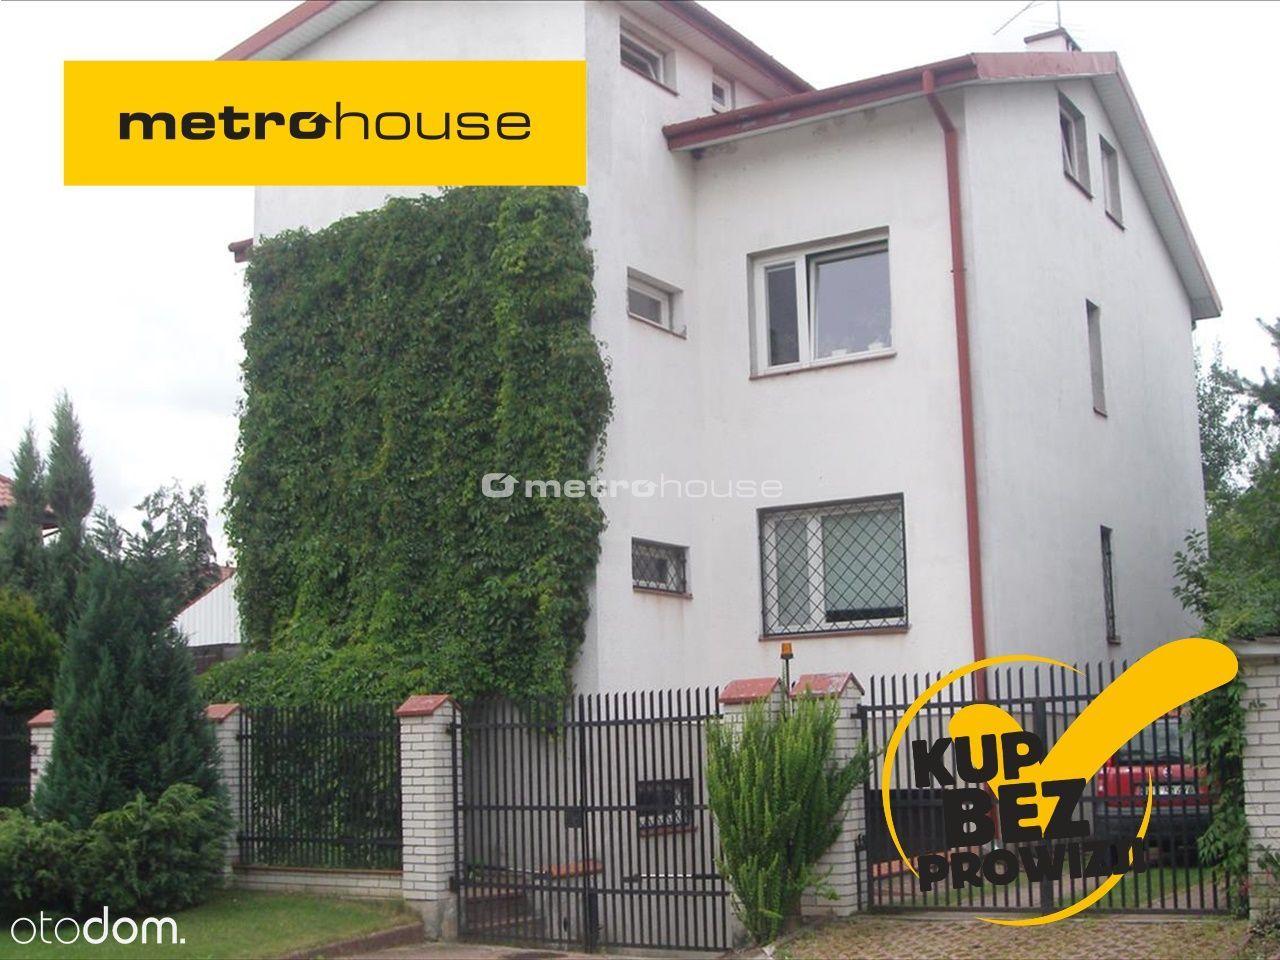 Dom 280 m2, 4 oddzielne mieszkania,2 garaże,ogród.